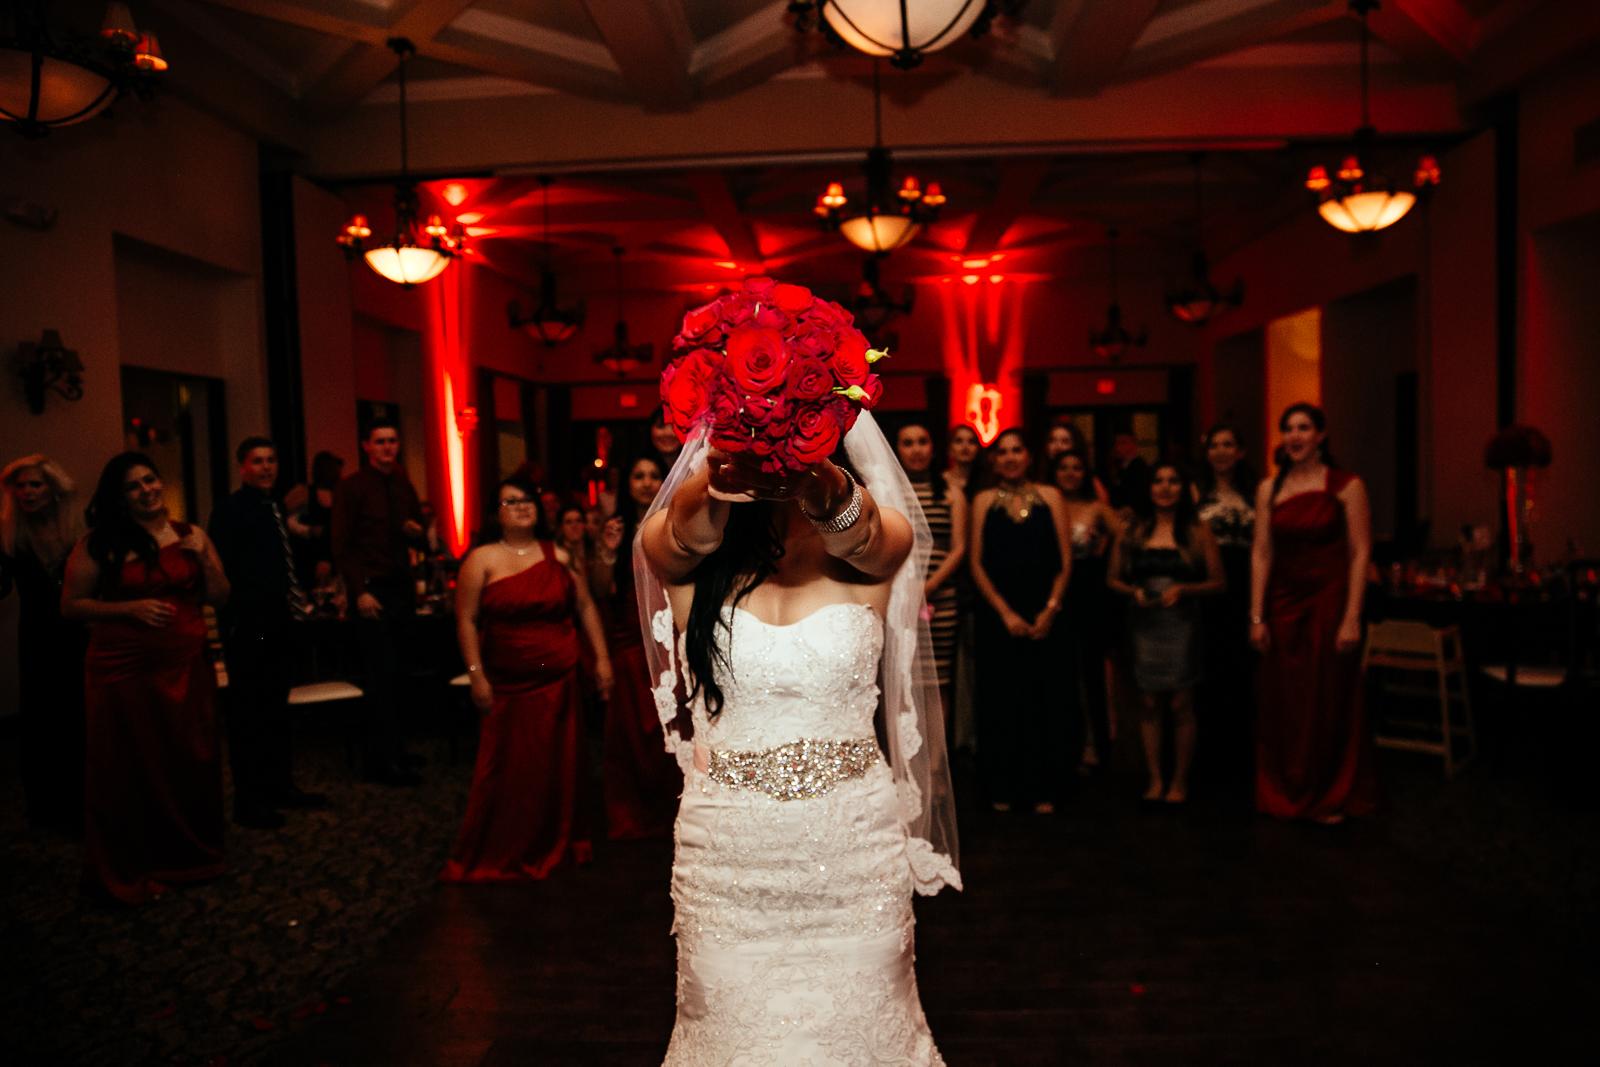 STACIE_&_JESUS_WEDDING_WEDGEWOOD_FALLBROOK_2015_2015_IMG_5170.JPG